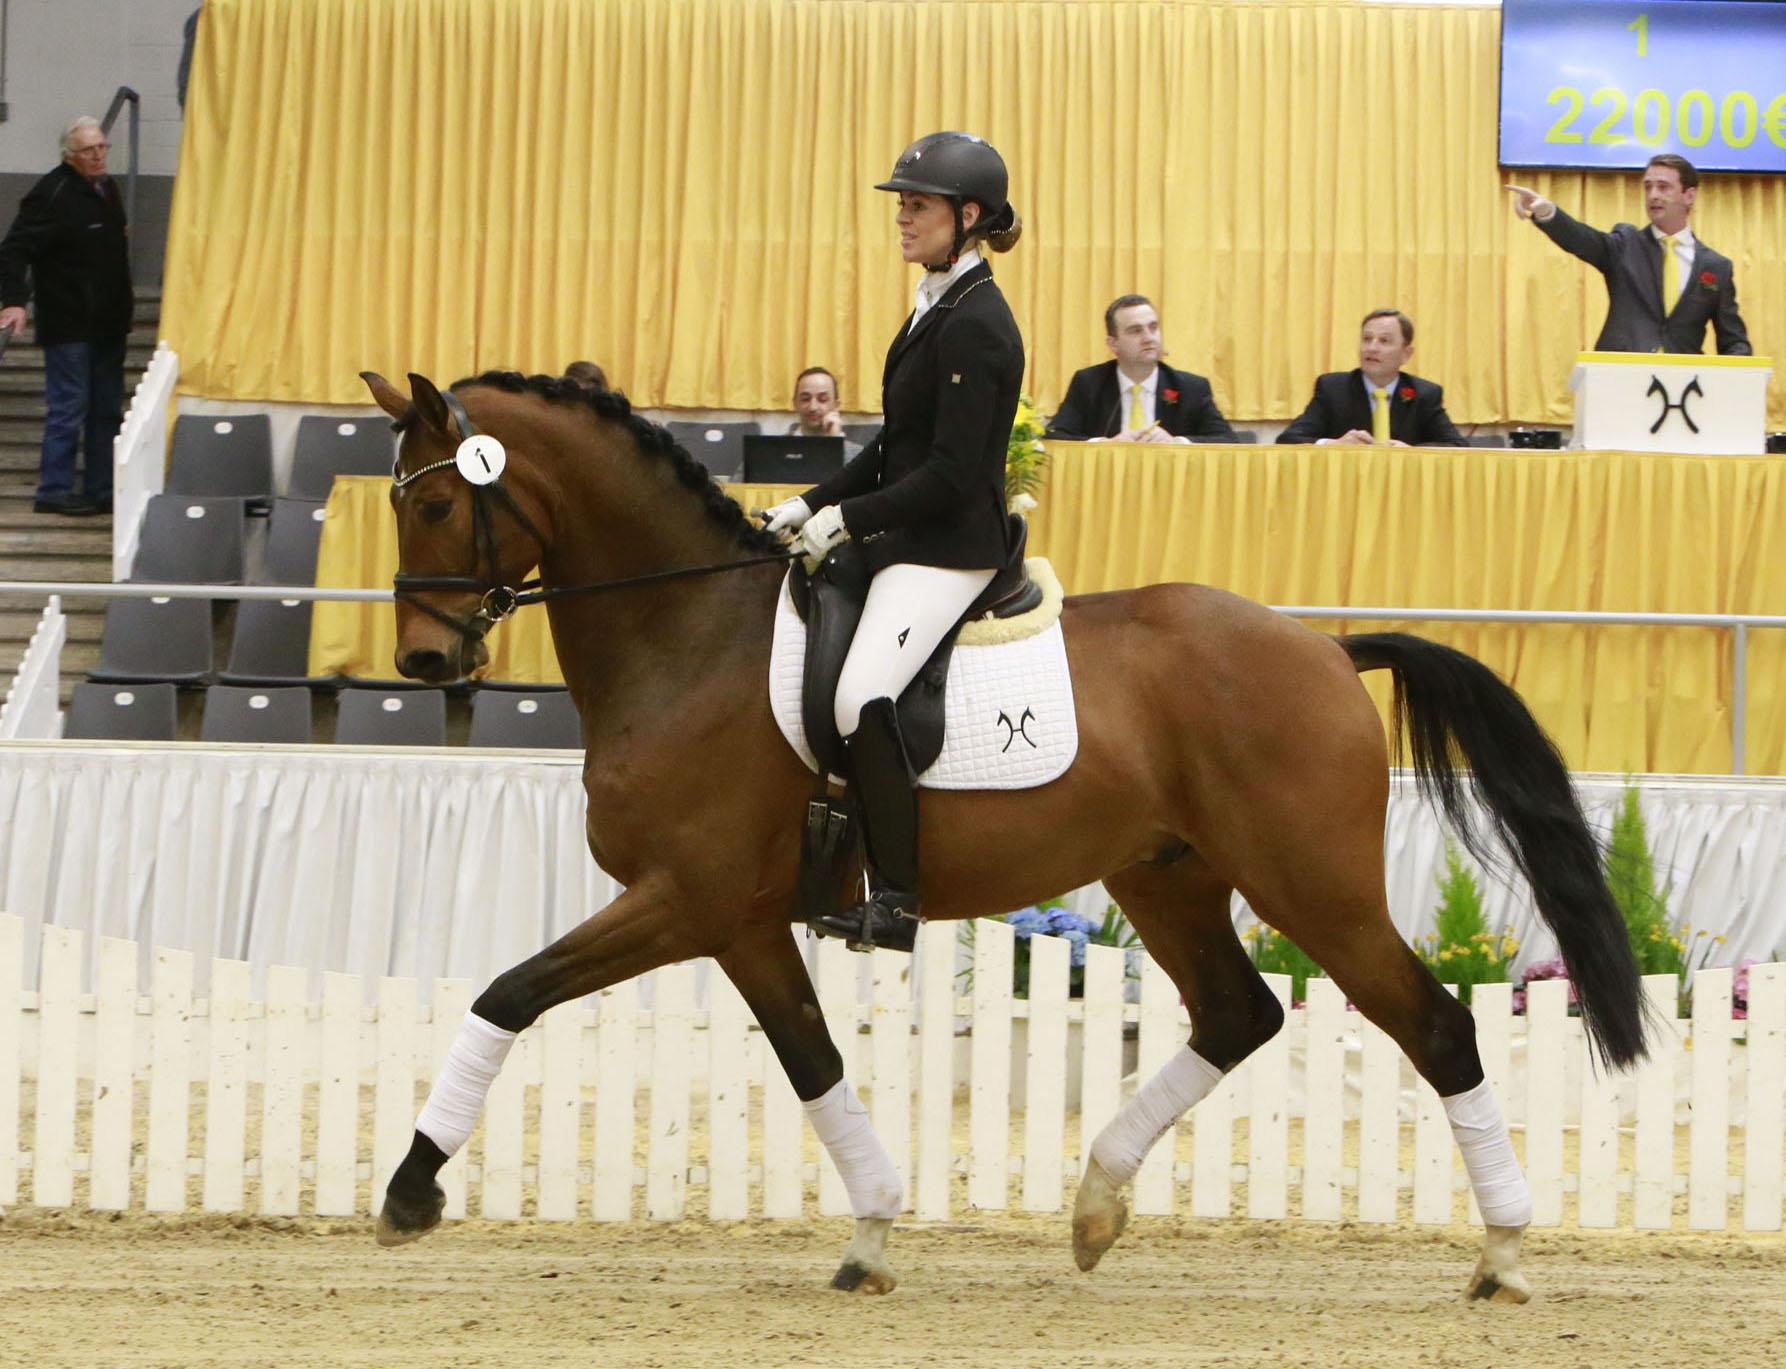 Der braune Wallach Belaggio fand für 62.000 Euro einen neuen Besitzer (Foto: Tammo Ernst)